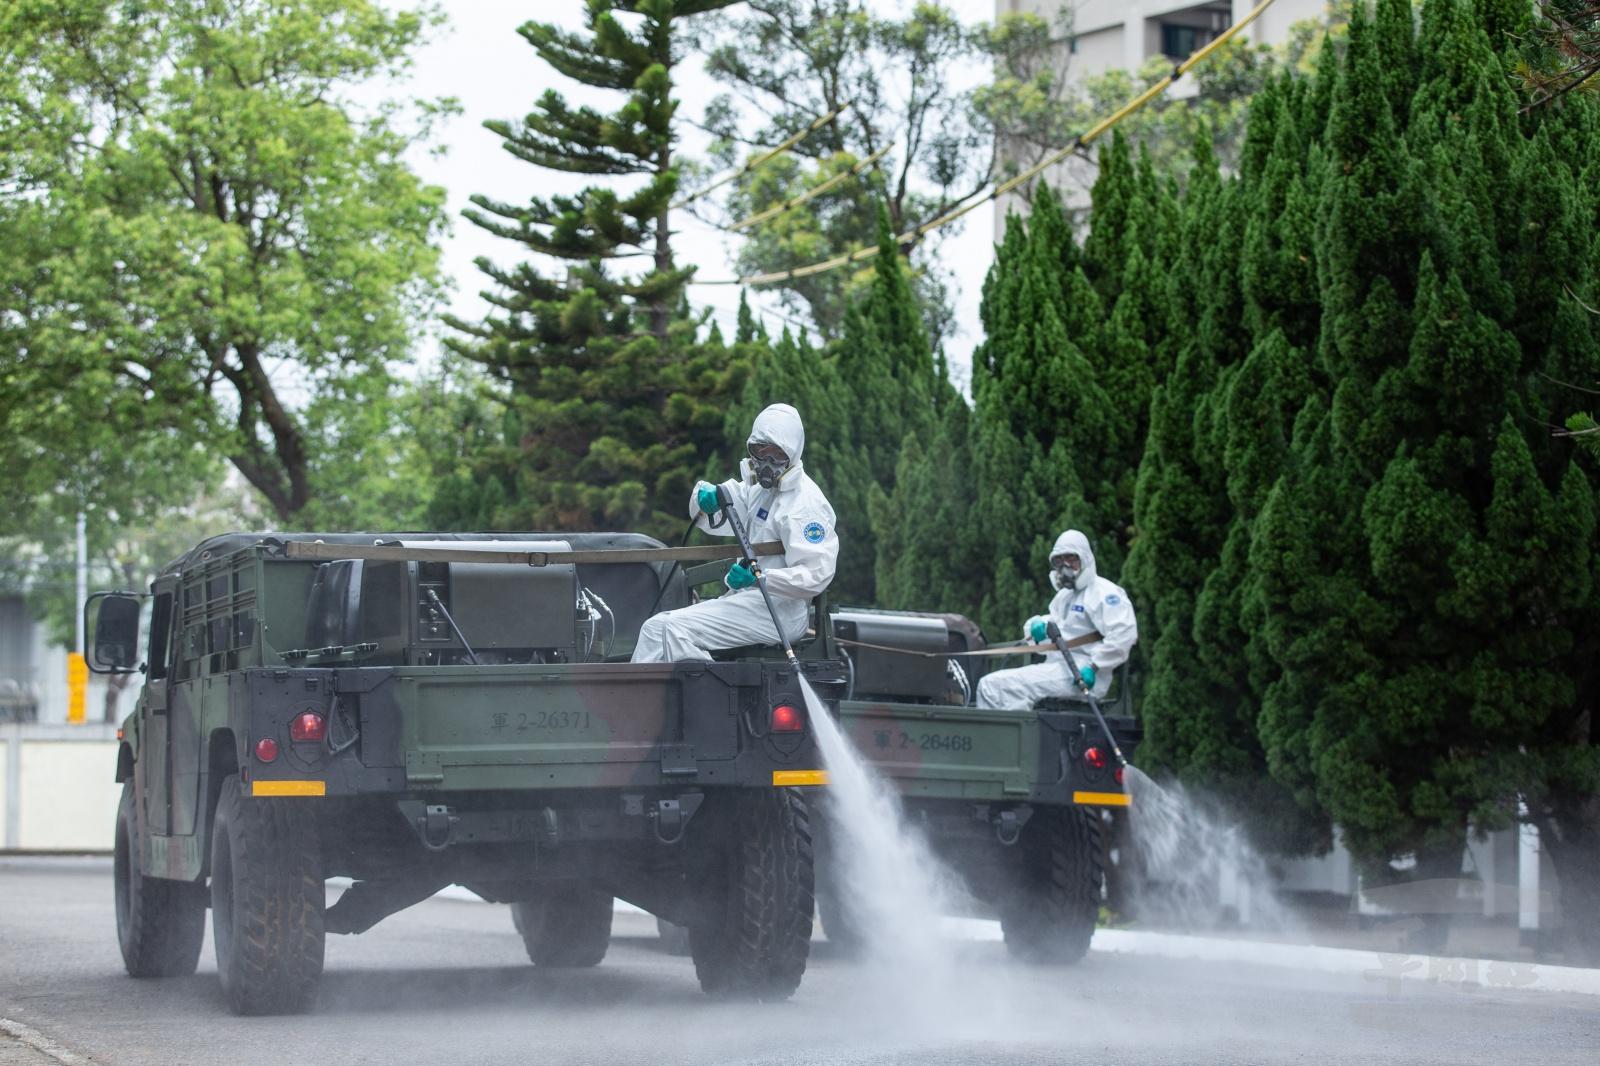 Dezinkfekce veřejných prostor na Tchaj-wanu